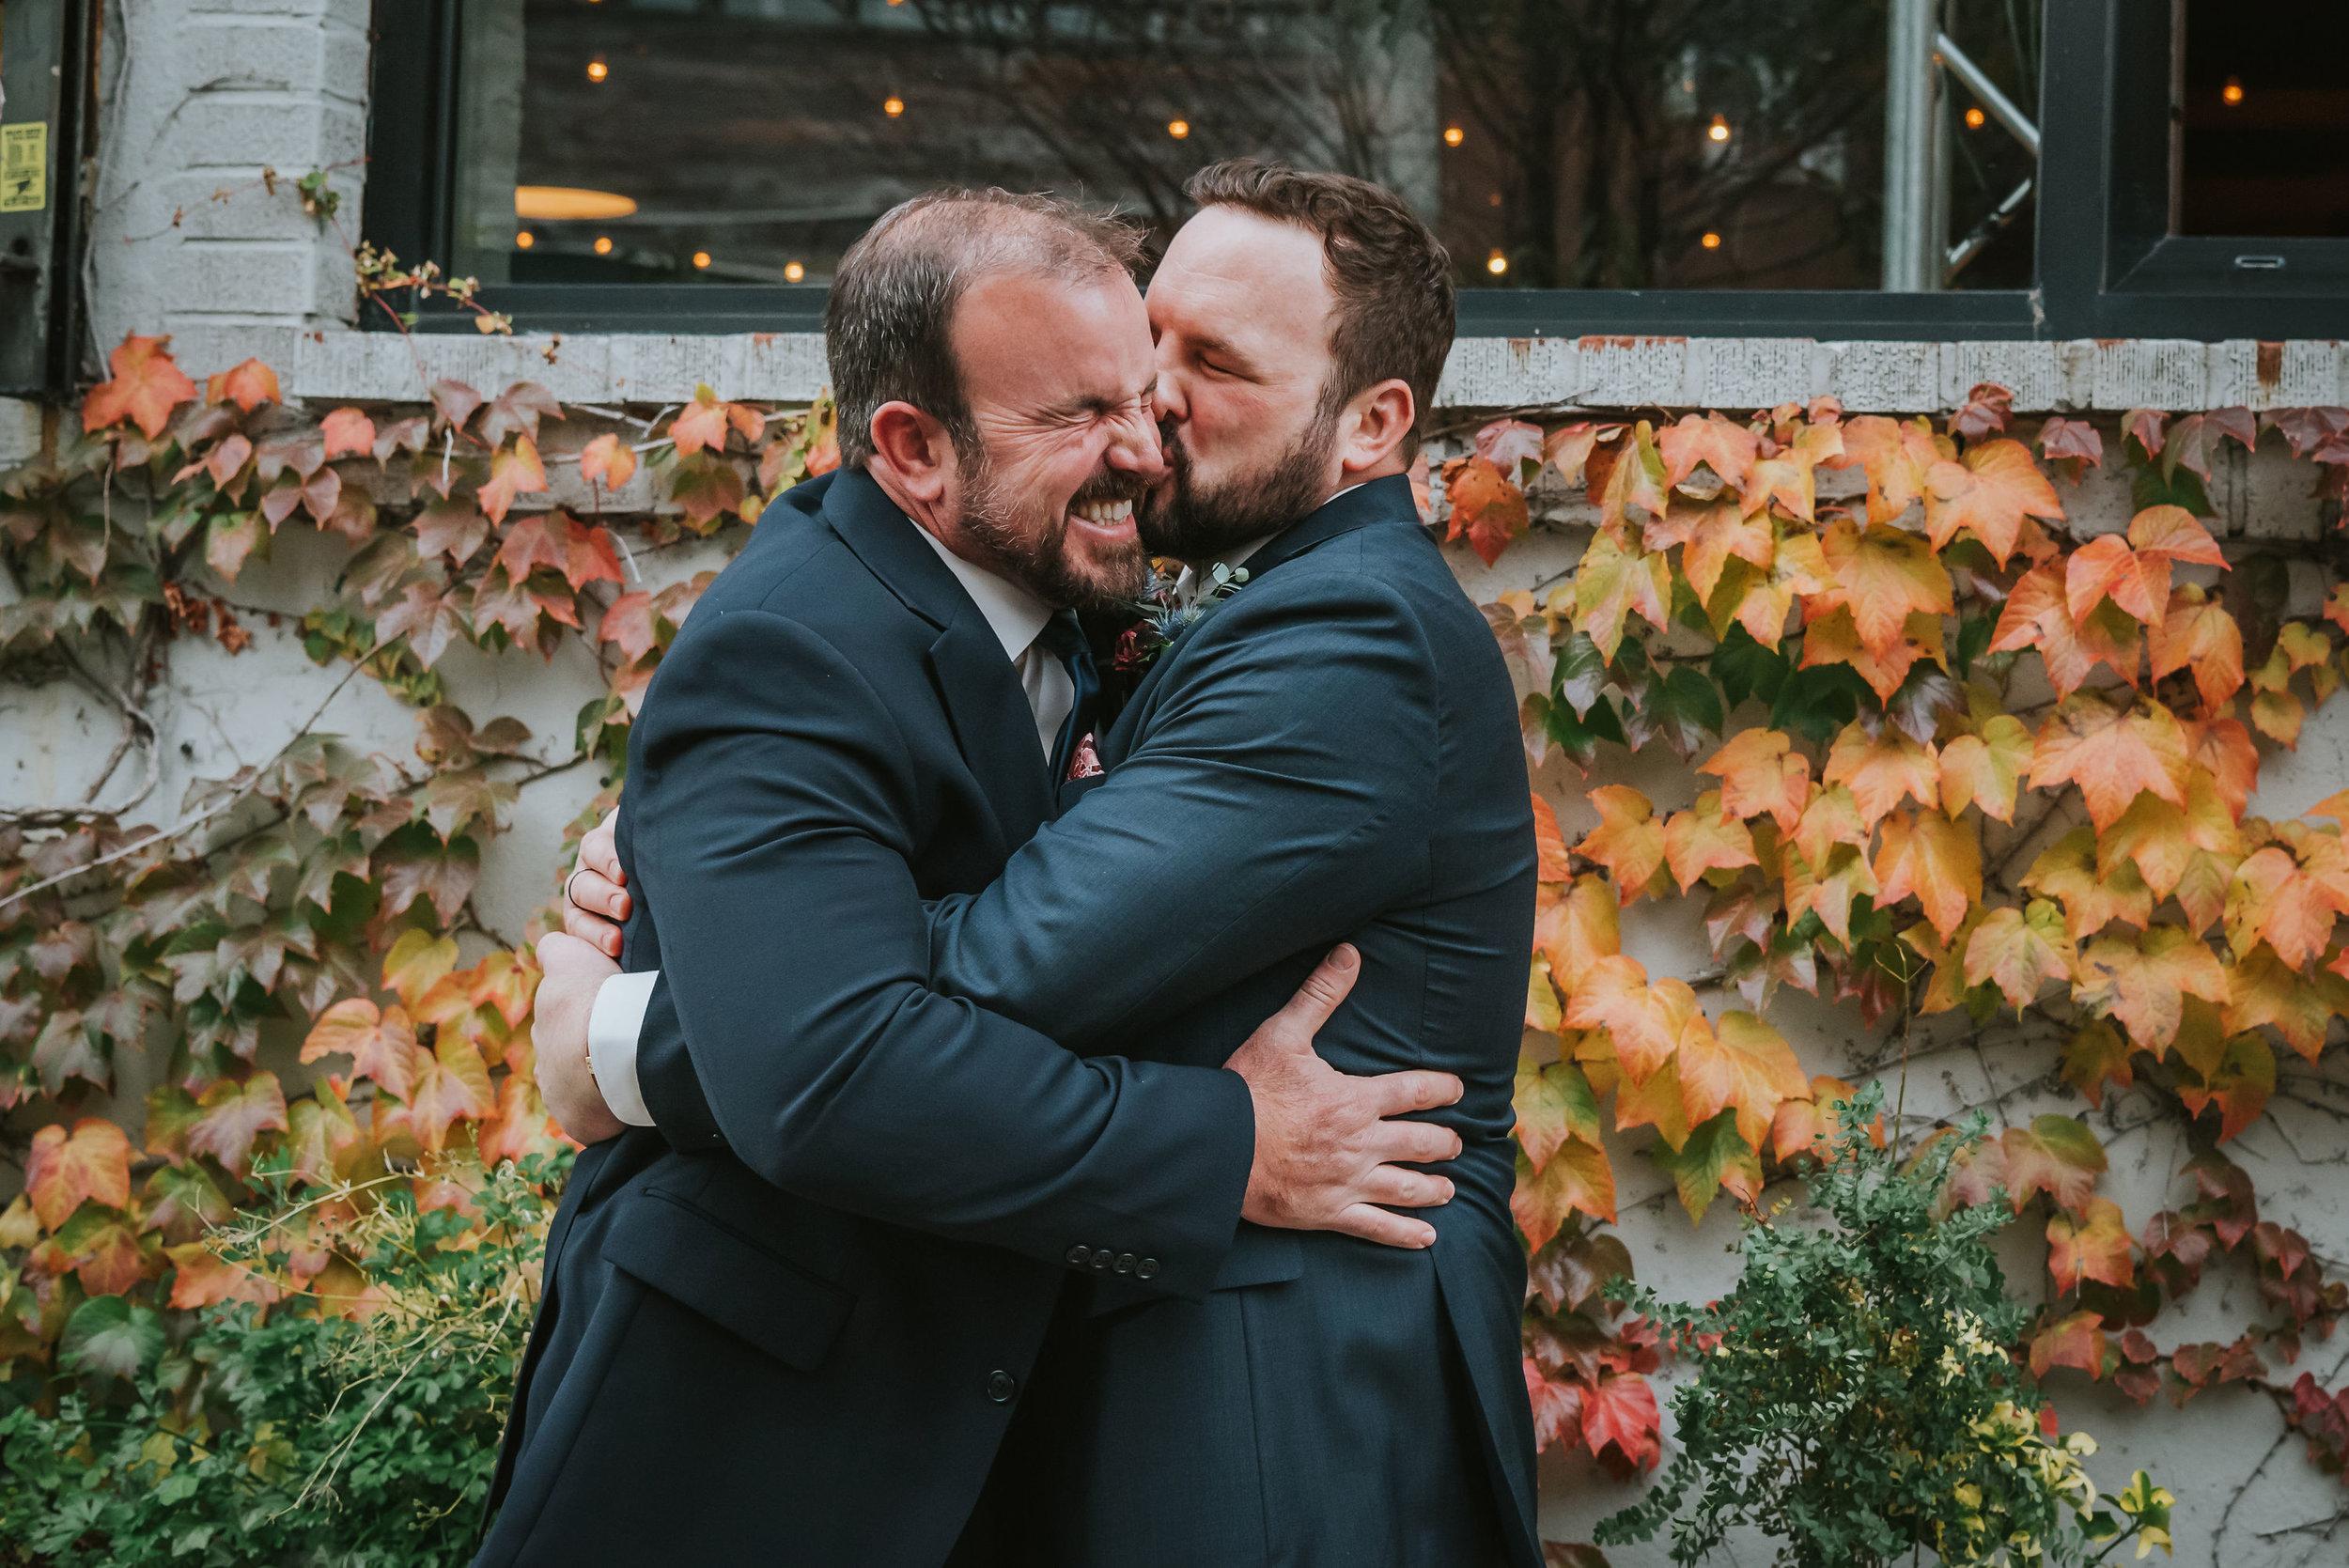 Juztina & Justin Brooklyn Winery NYC Wedding 075.jpg